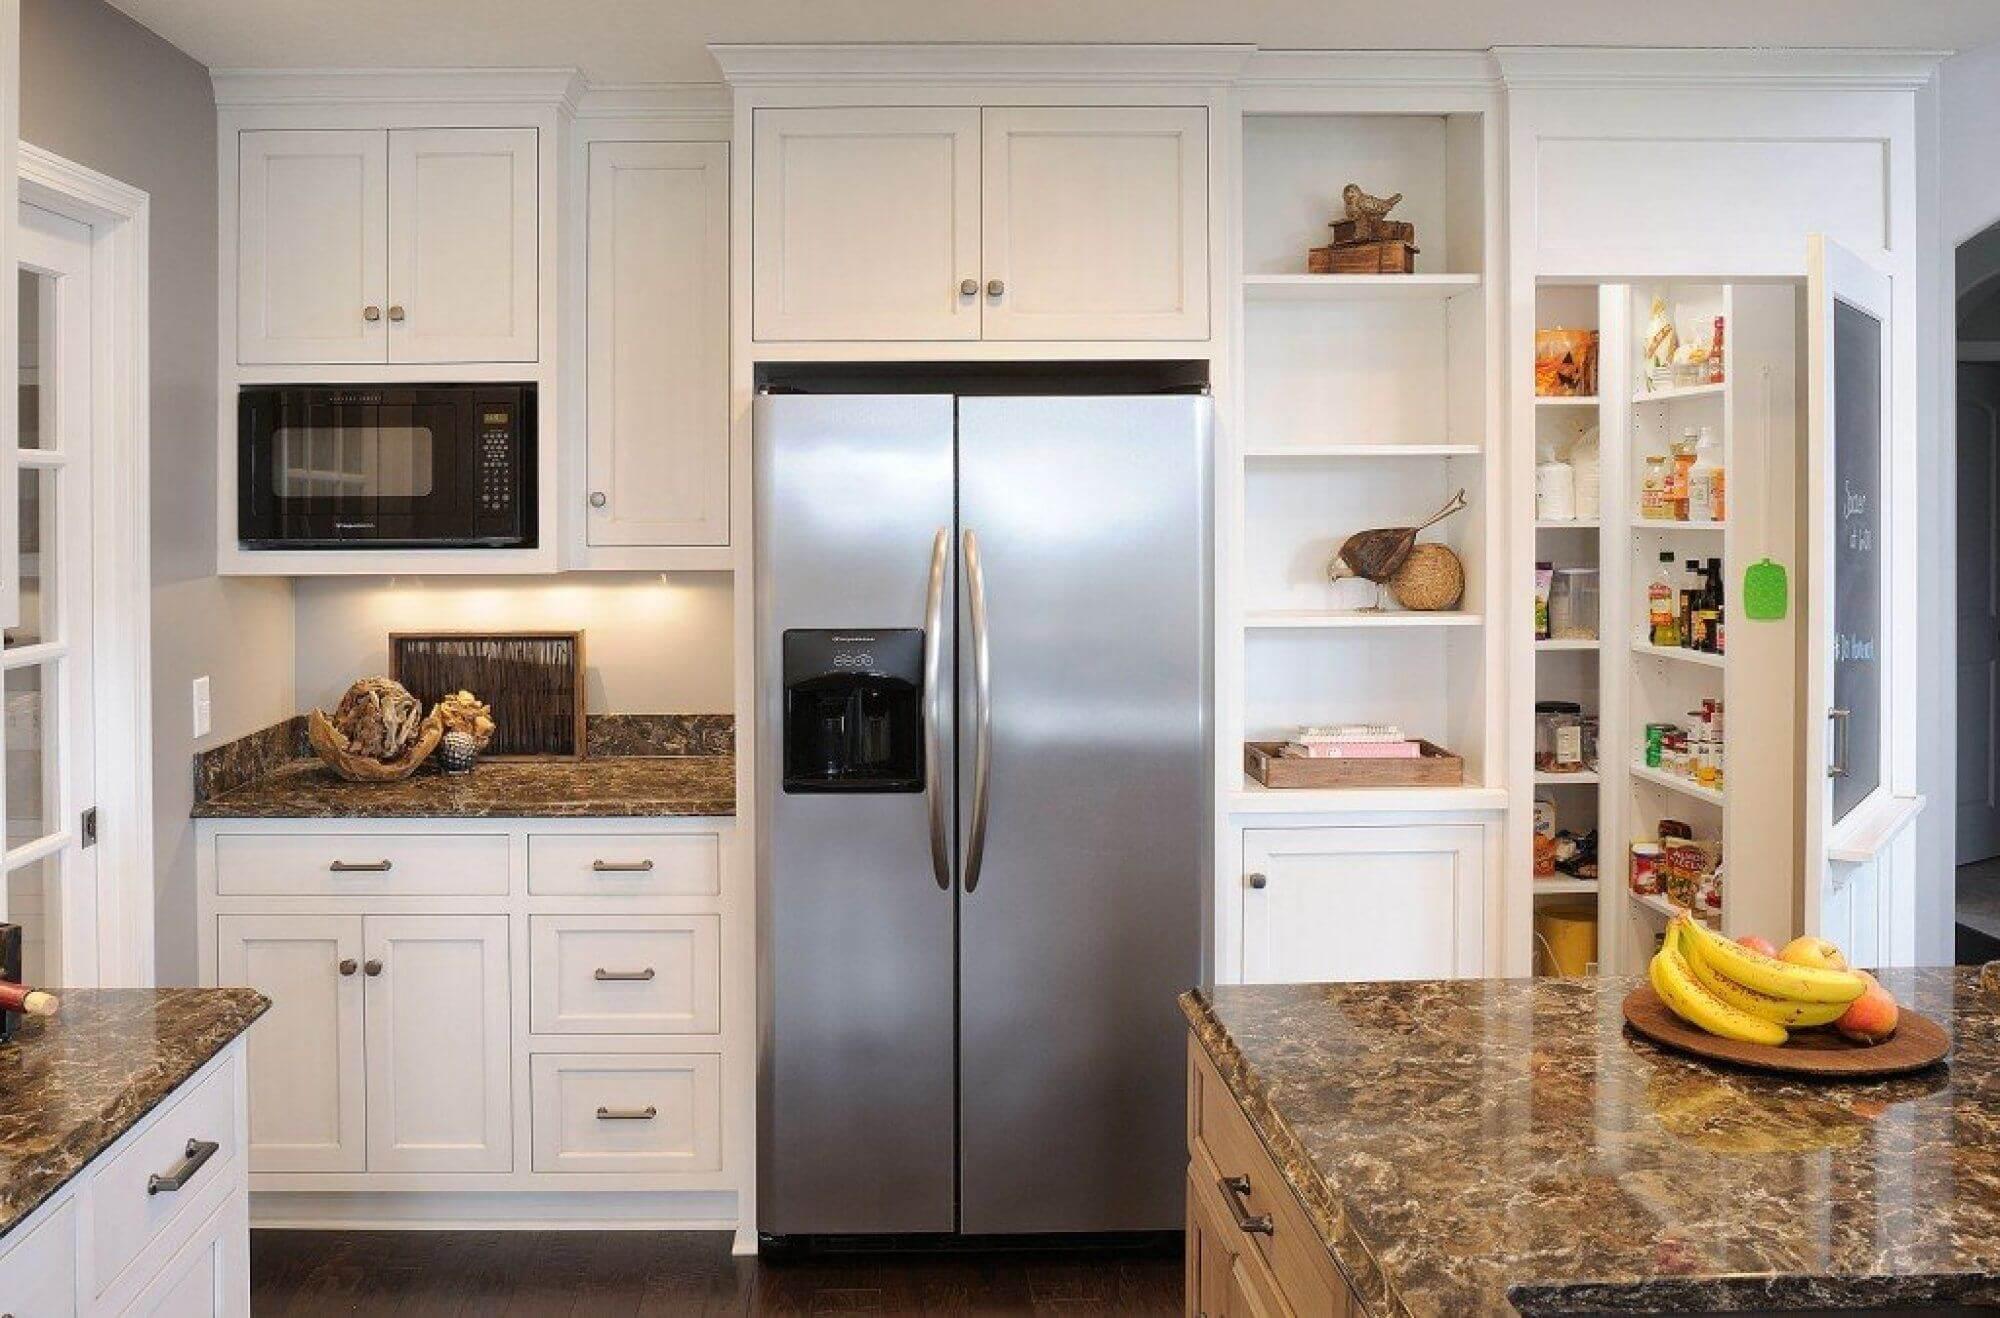 кирпичи имеют как сделать кухонный шкаф над холодильником фото стремится